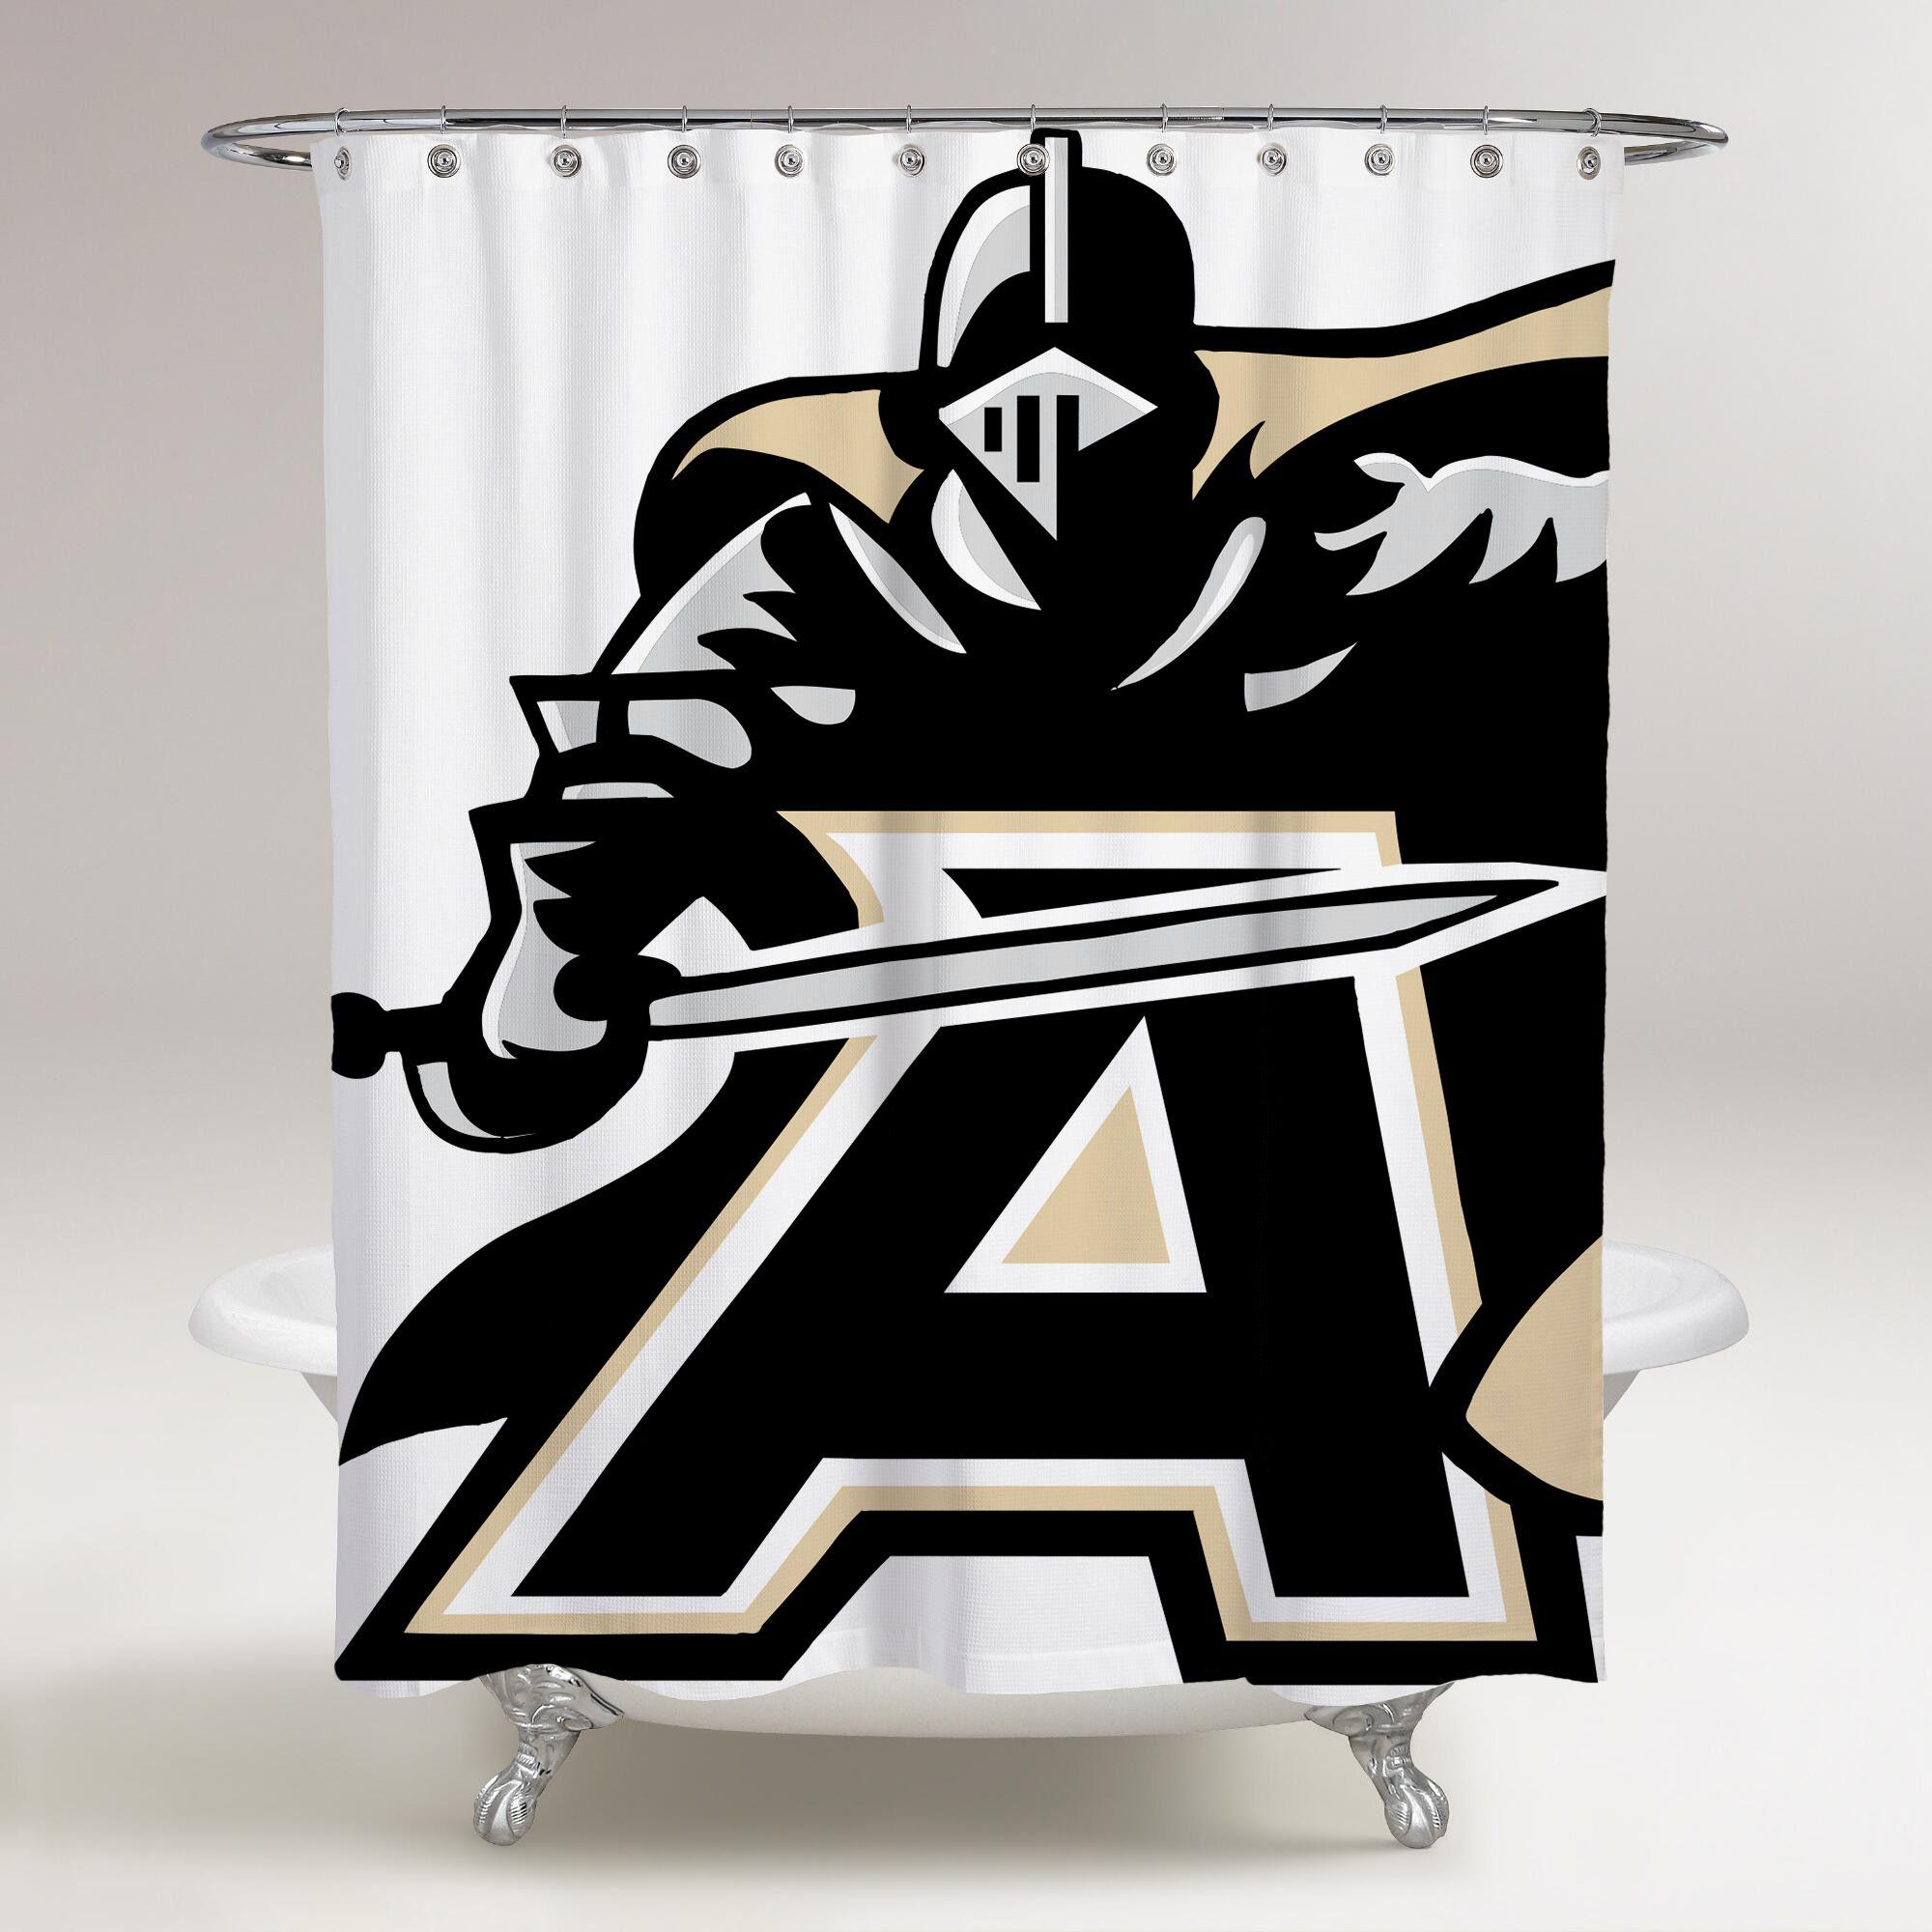 Army Black Knights Logo Knights Printed Shower Curtain Bathroom